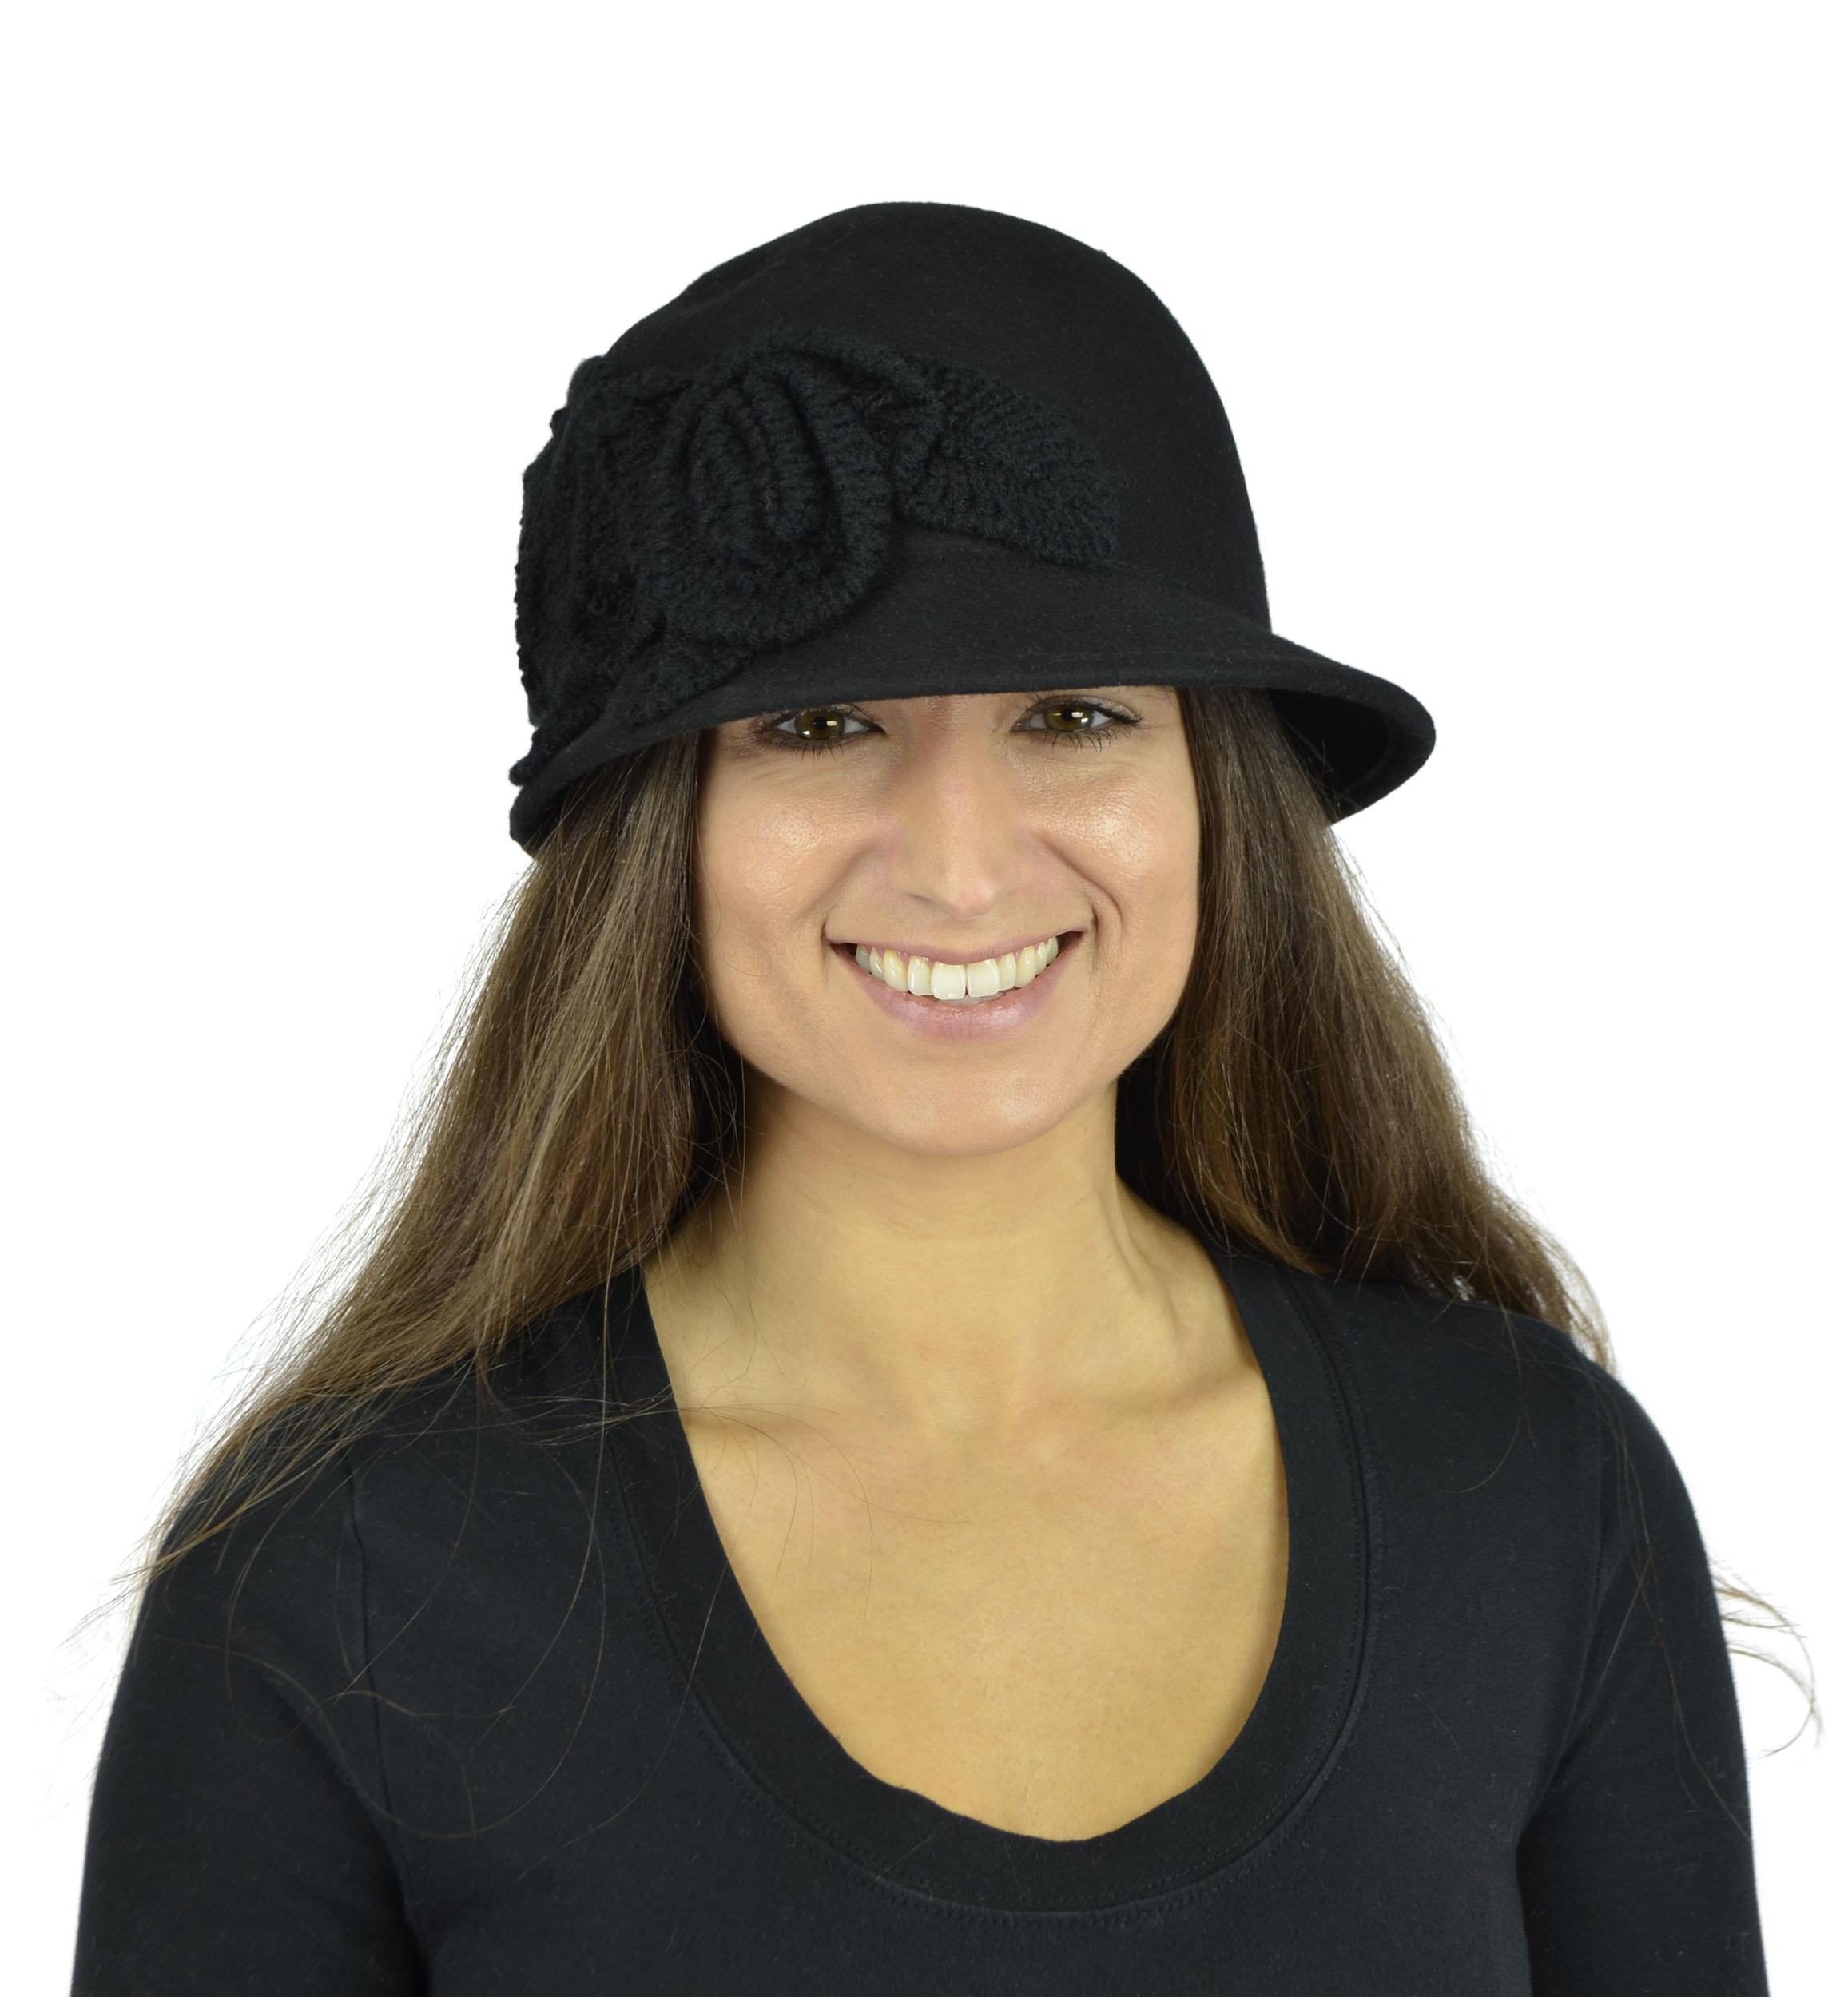 Belle Donne - Women's Pure Wool Cloche Hats - Black